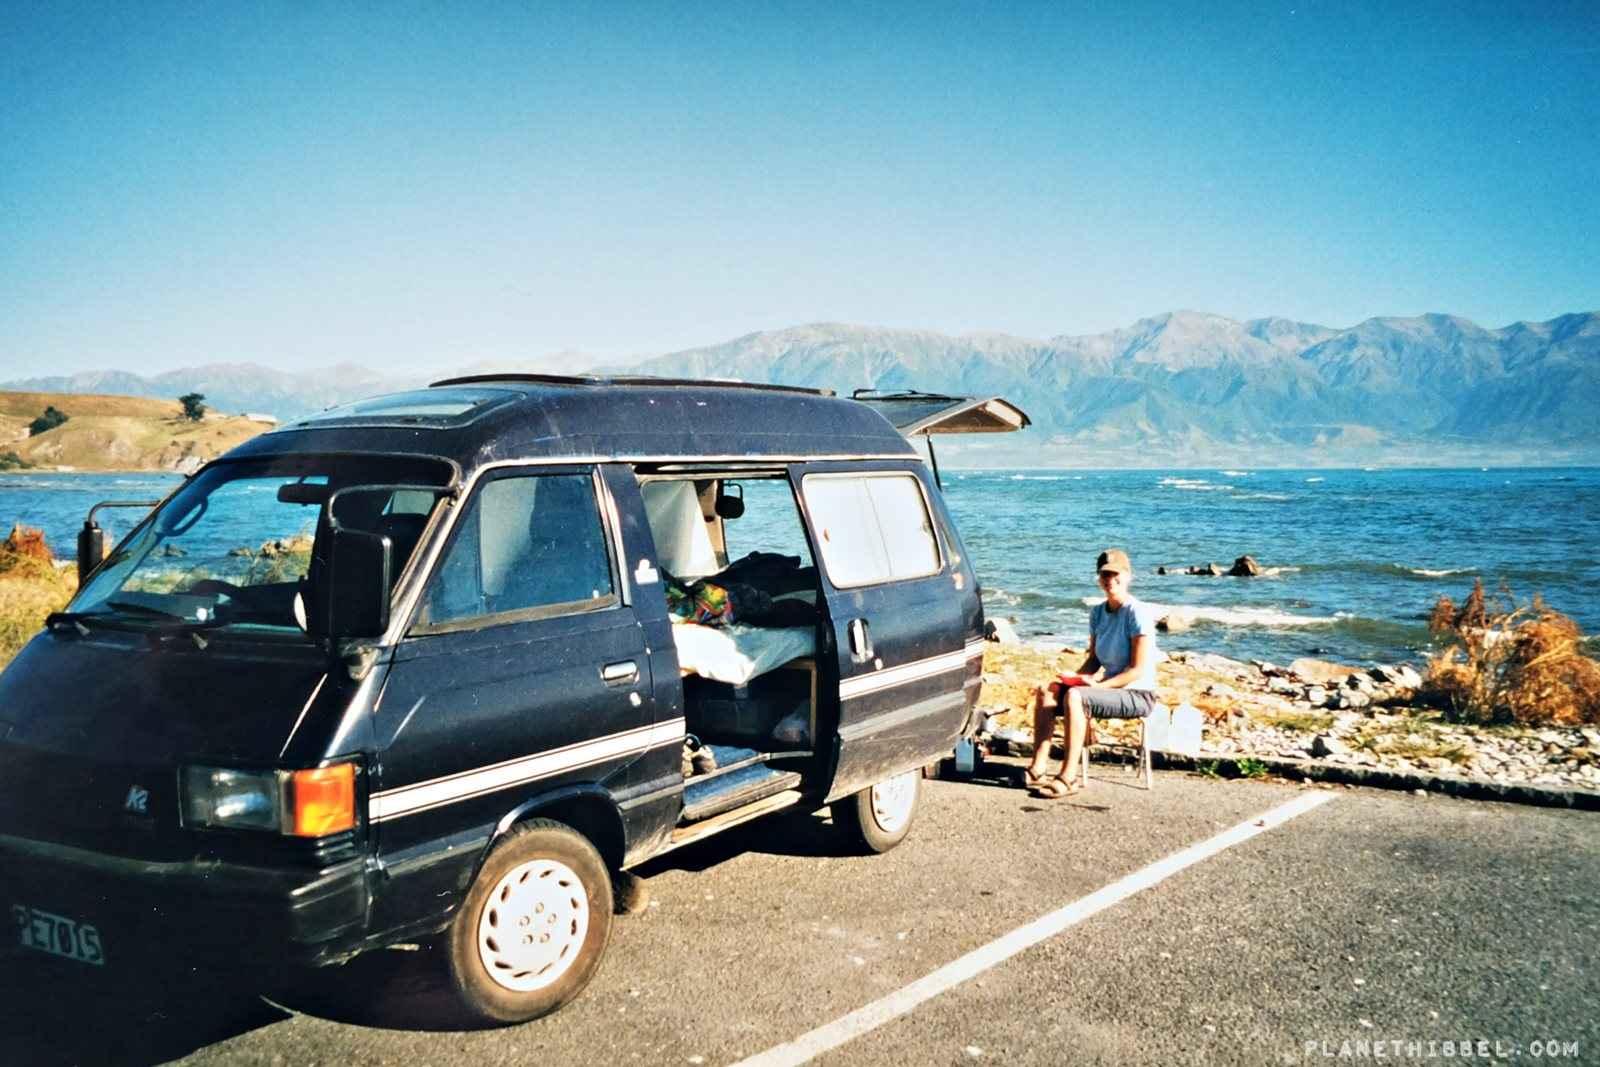 Der erste Kaffee morgens mit Blick auf die Bucht von Kaikoura / Neuseeland - unbezahlbar! (analaog aus dem Jahr 2000)